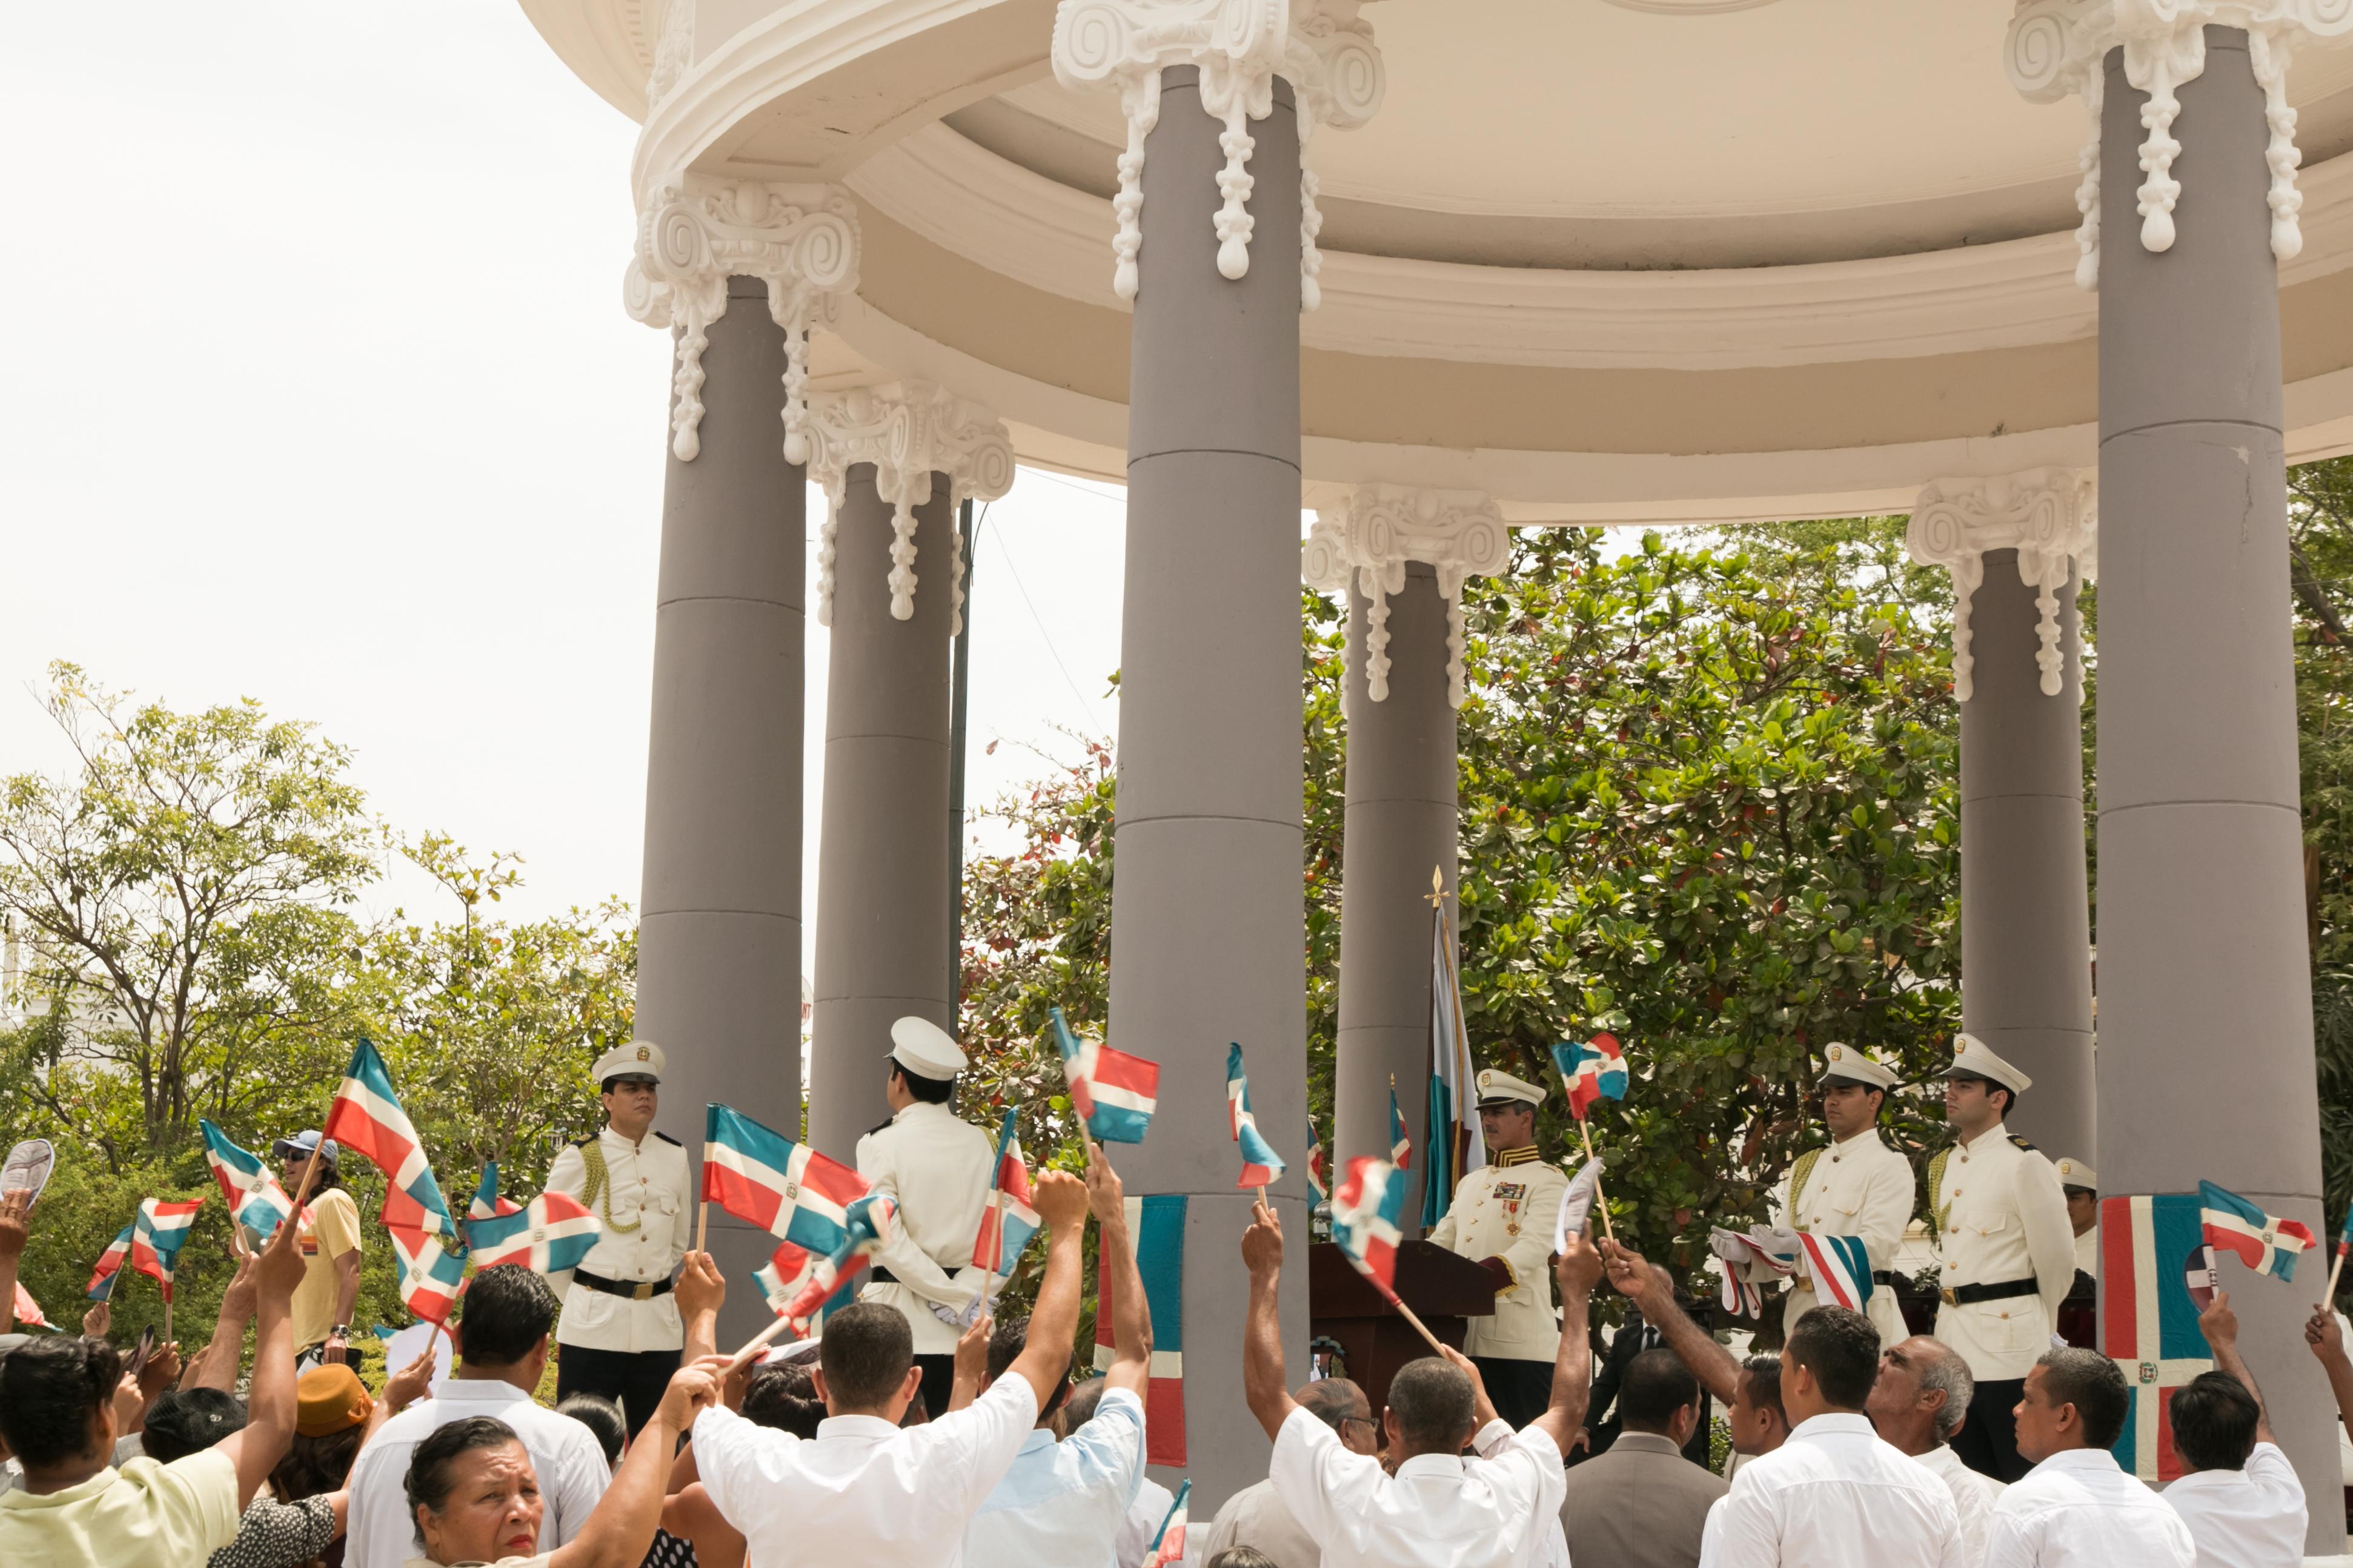 Templete Ciudad Trujillo-Cienaga